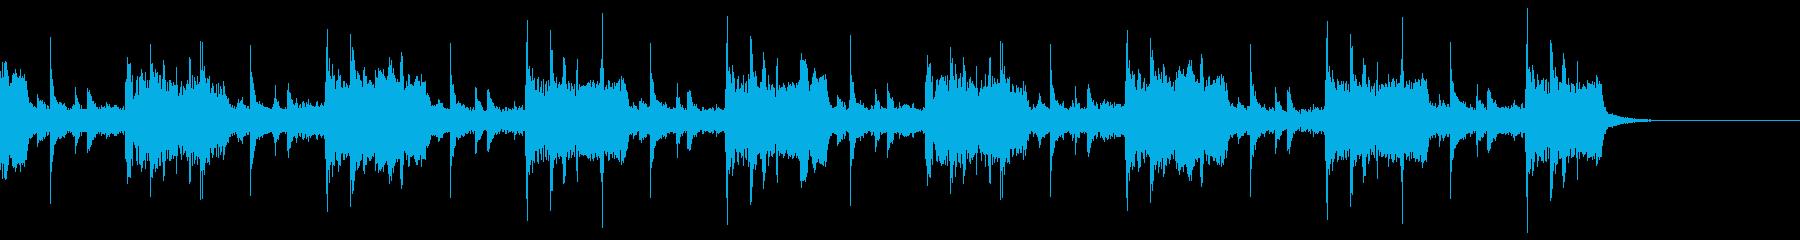 【22秒】TV番組のコーナー切替BGMの再生済みの波形